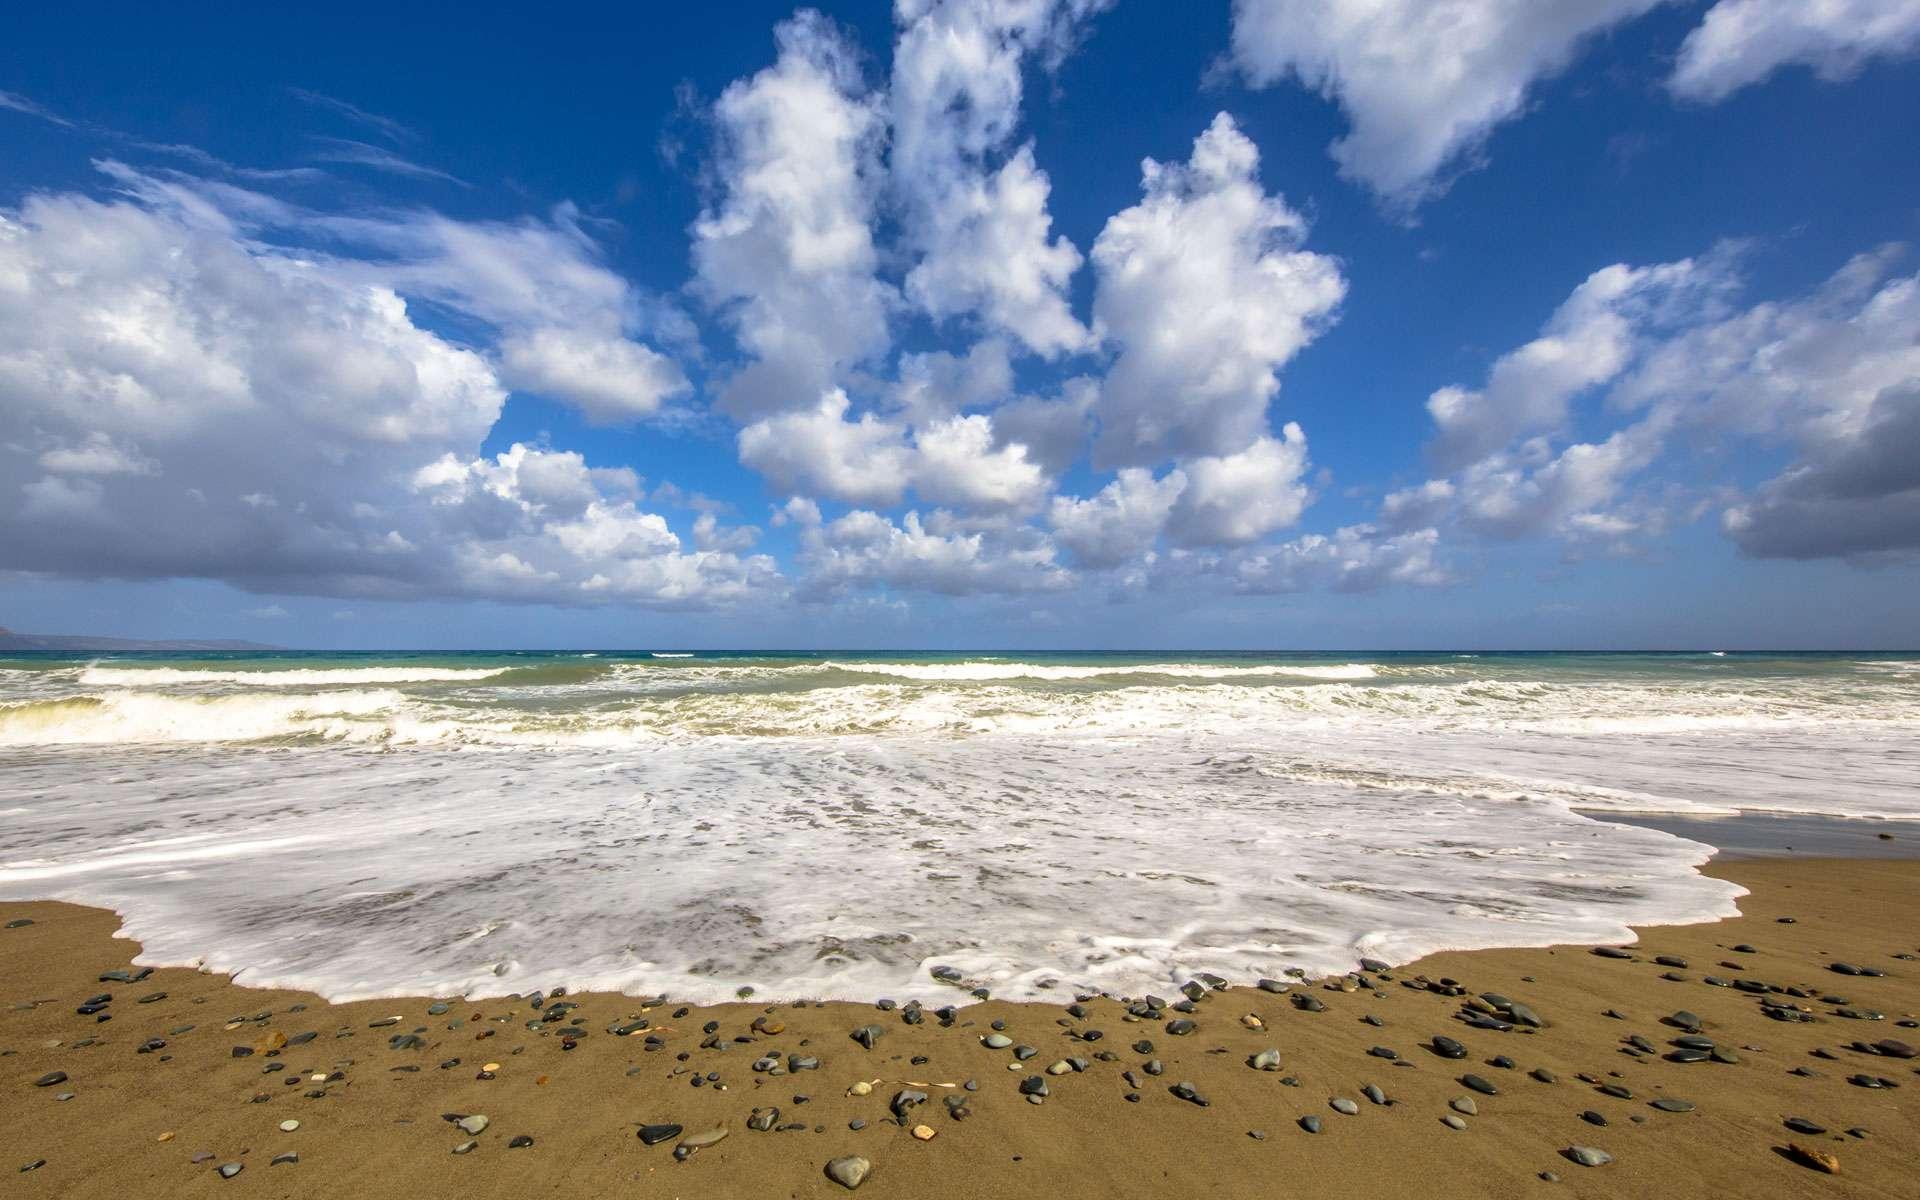 Vue sur la Mer Méditerranée depuis la plage ©CreativeNature nl, Envato Elements